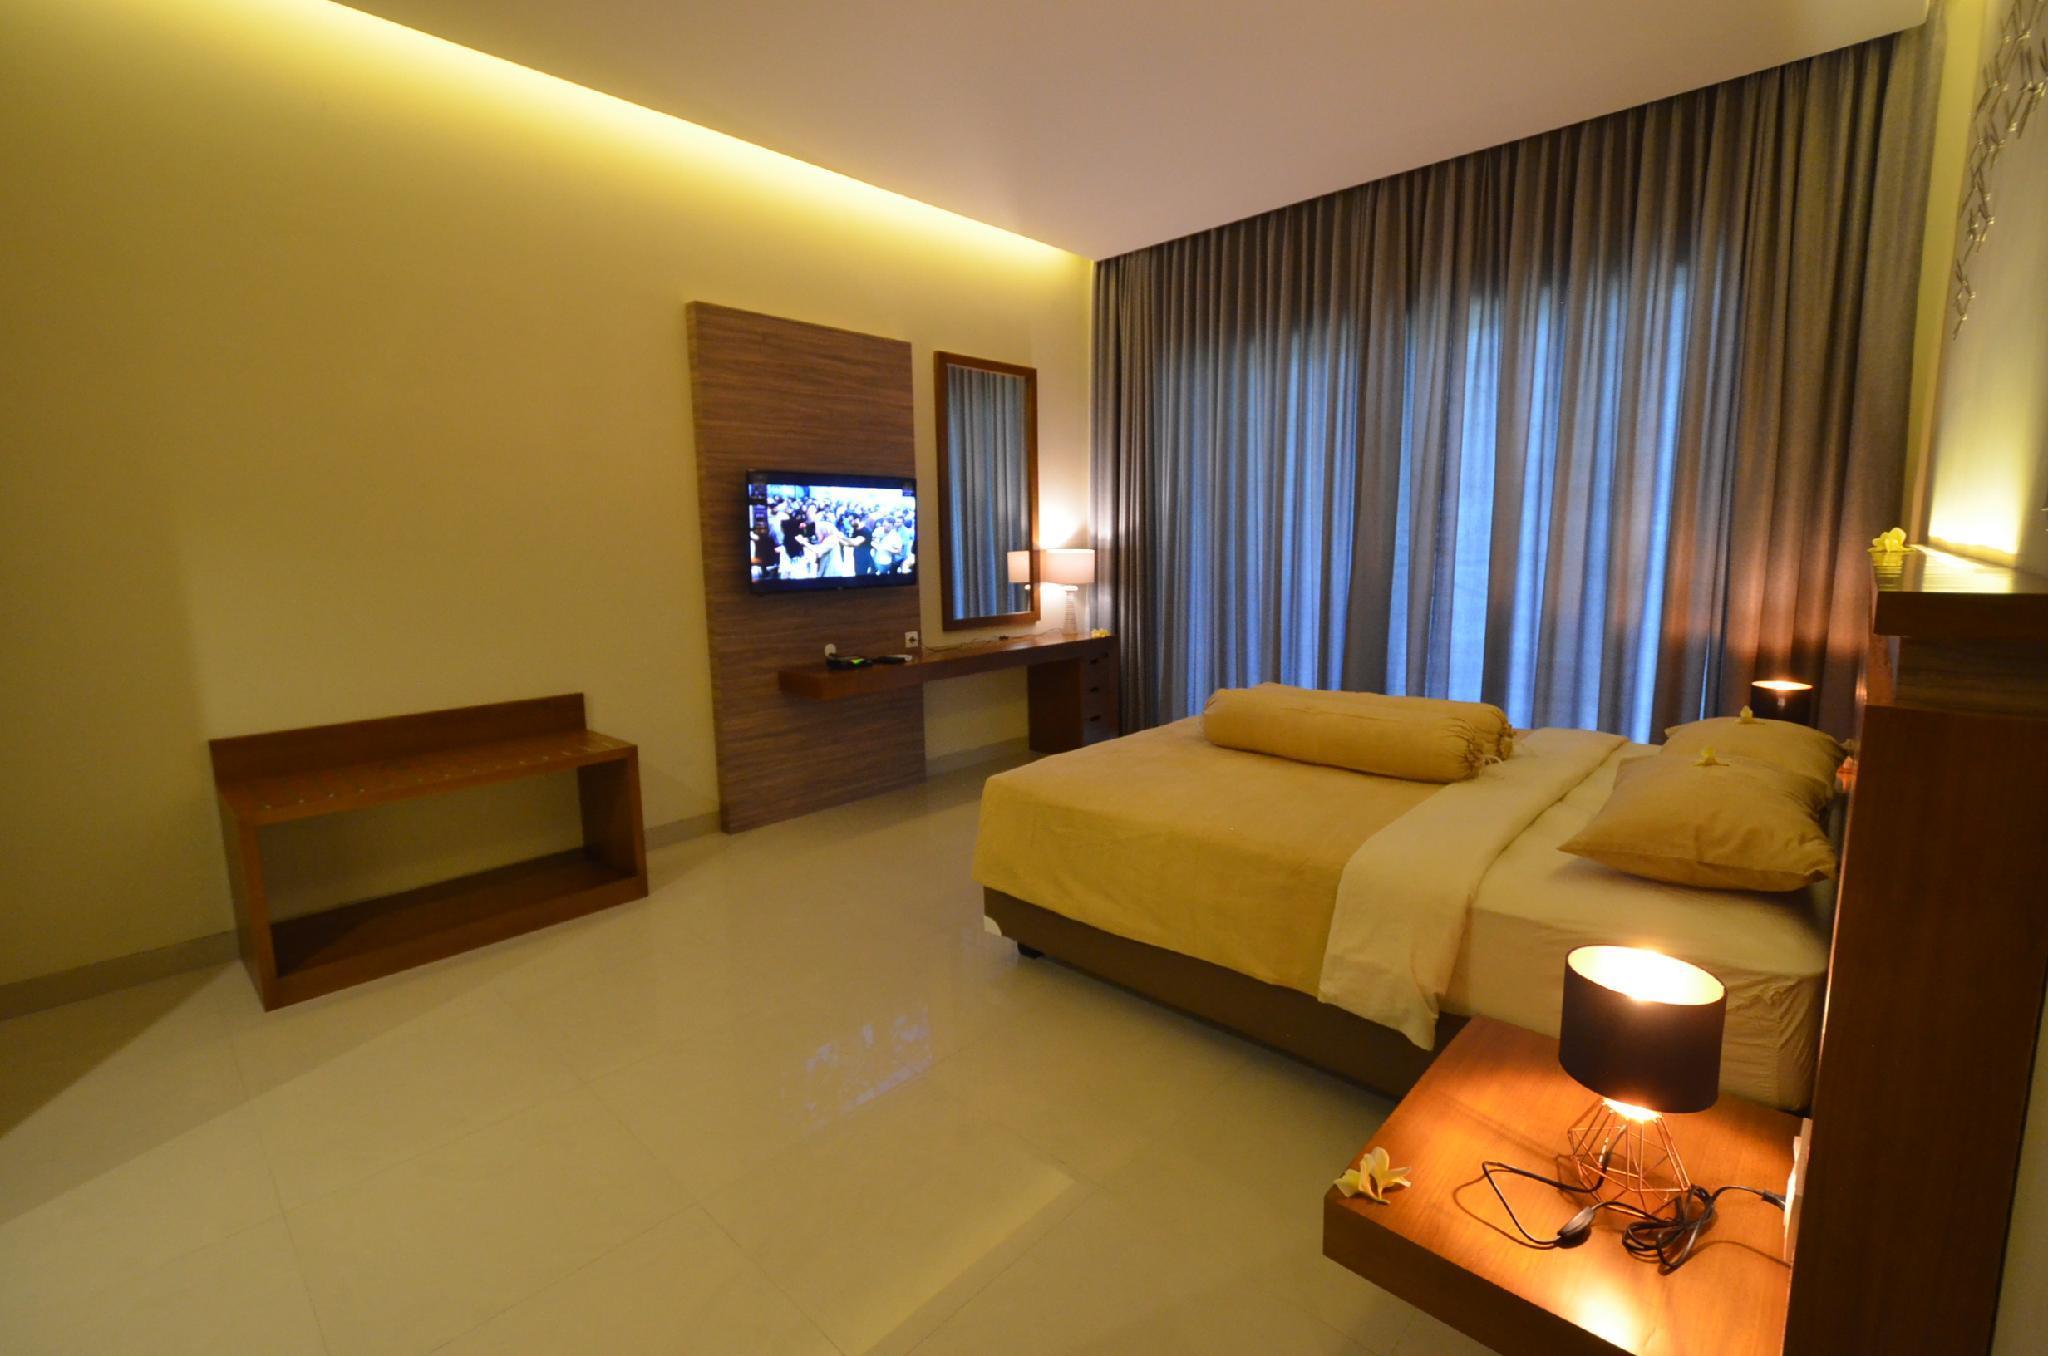 2BR Apartment at Koentari Home BATARA